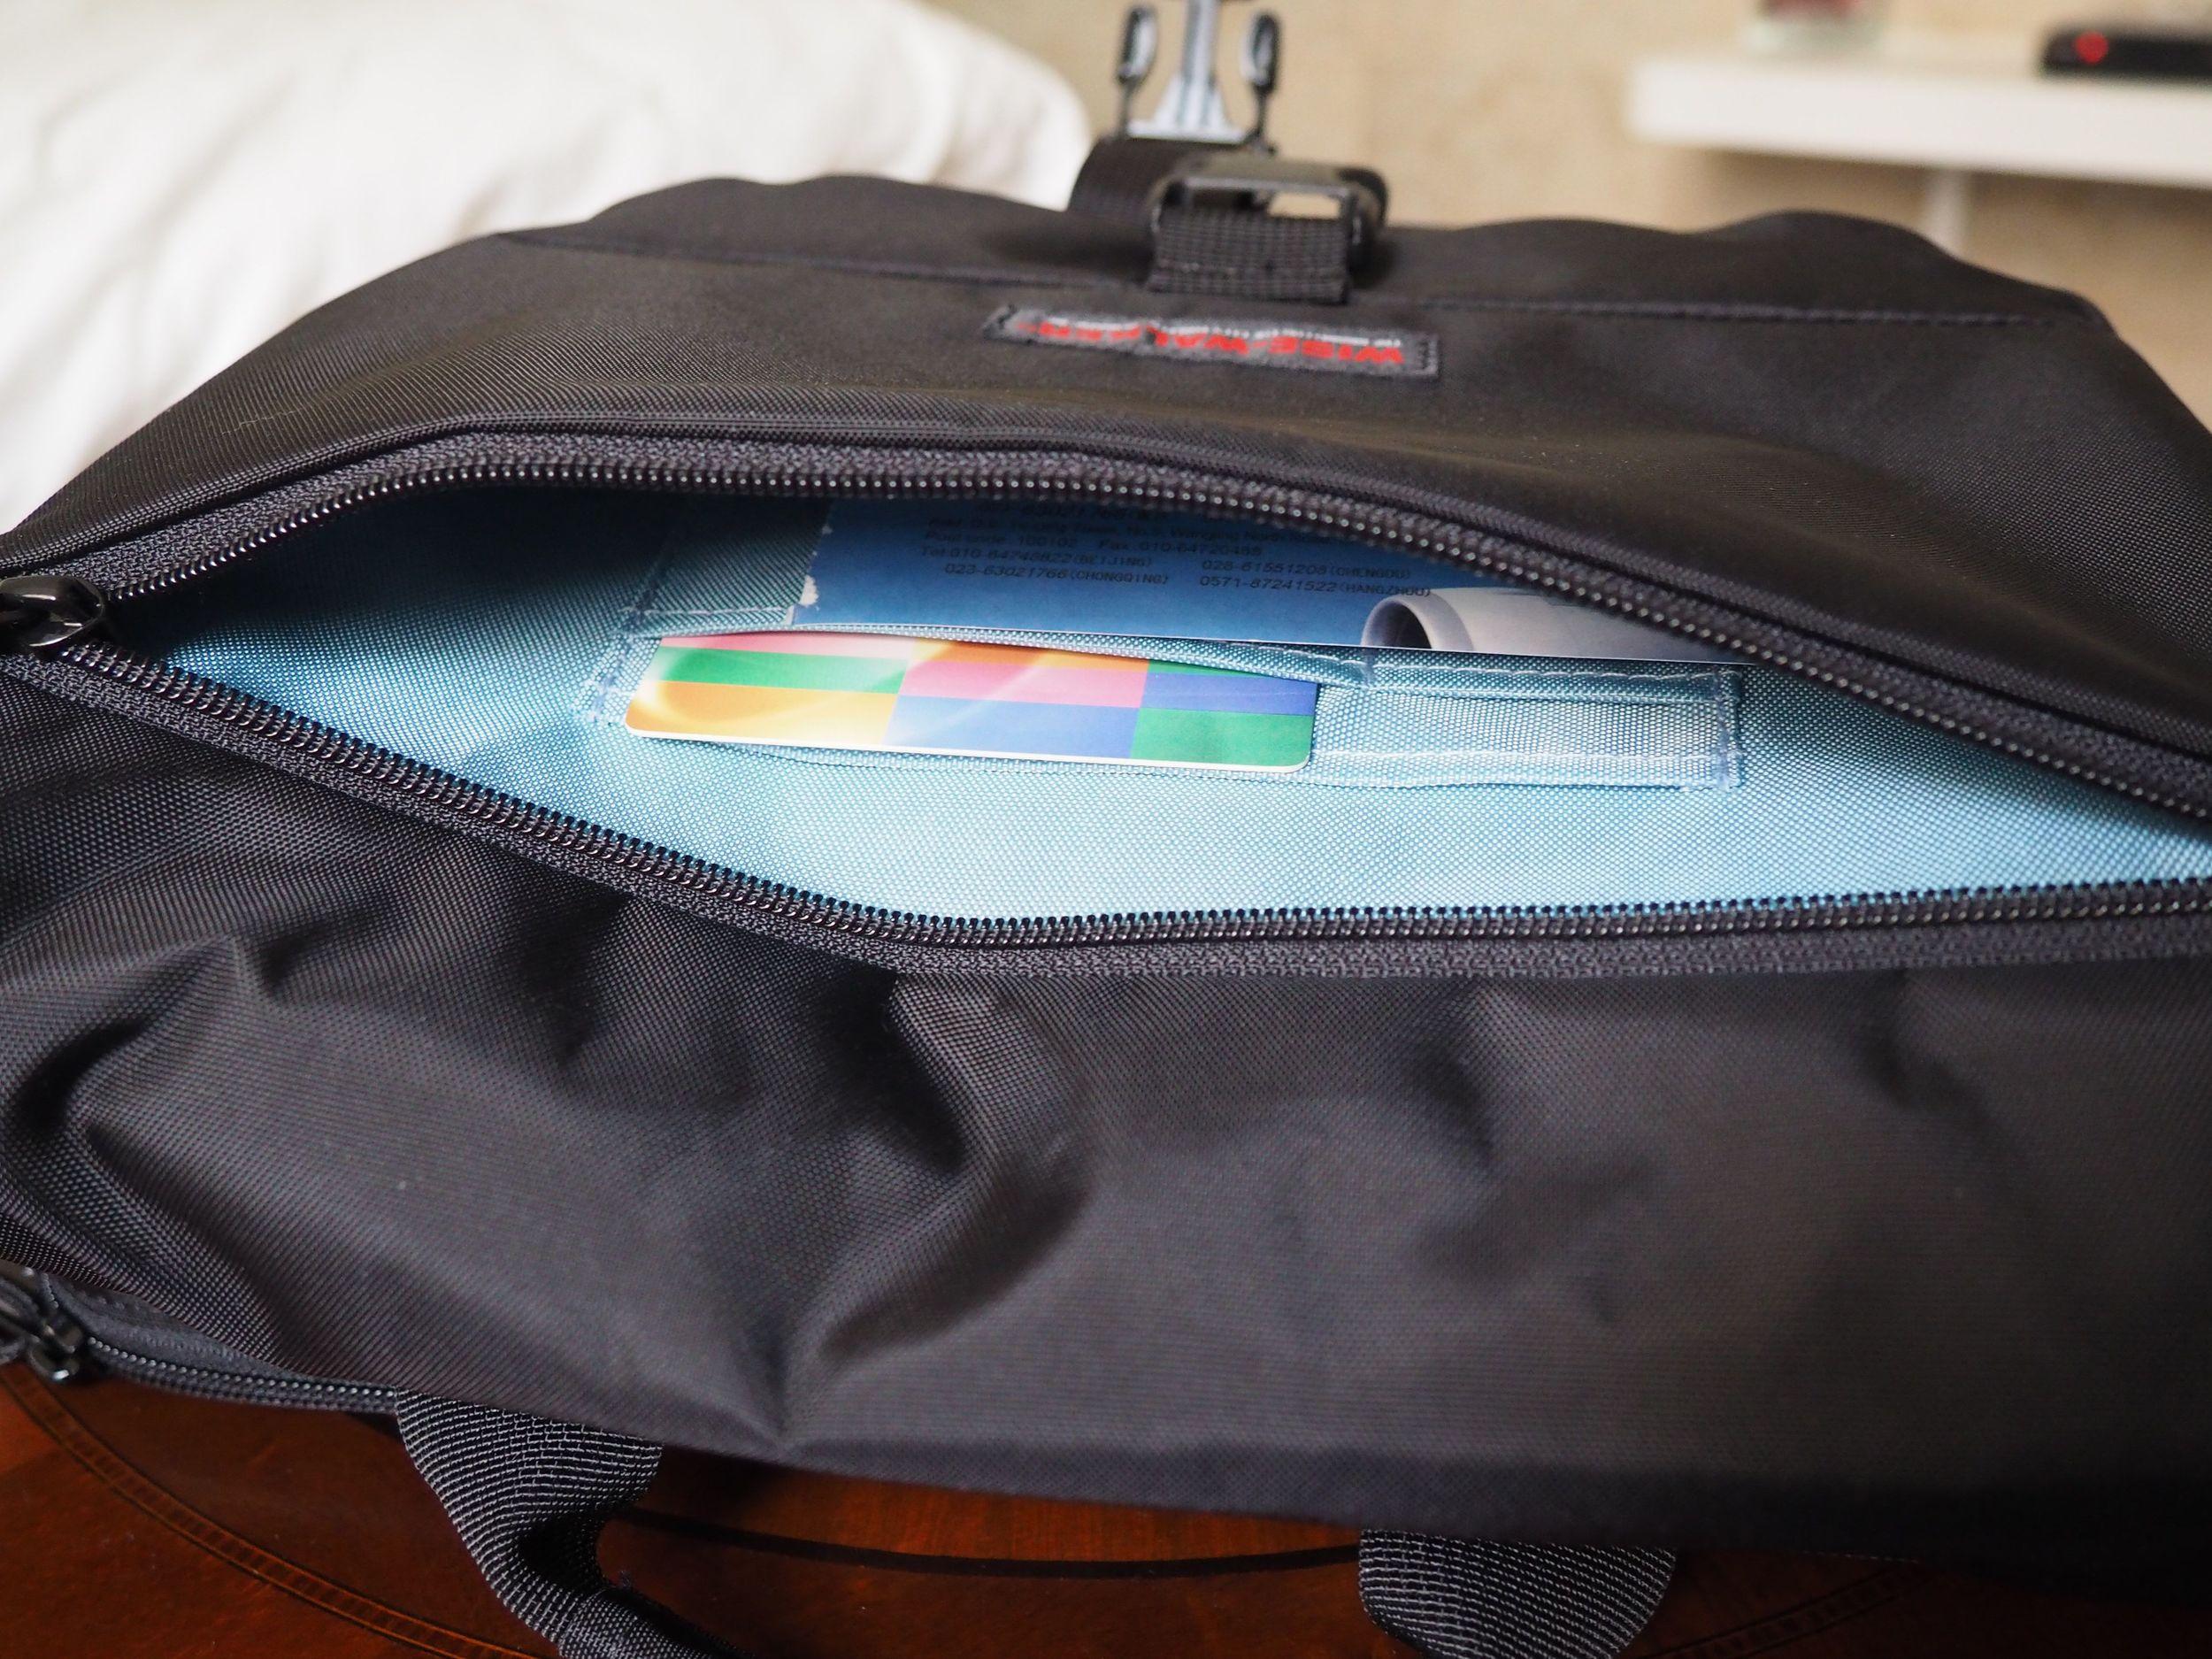 wise-walker OS-01 urban day bag front outside pocket